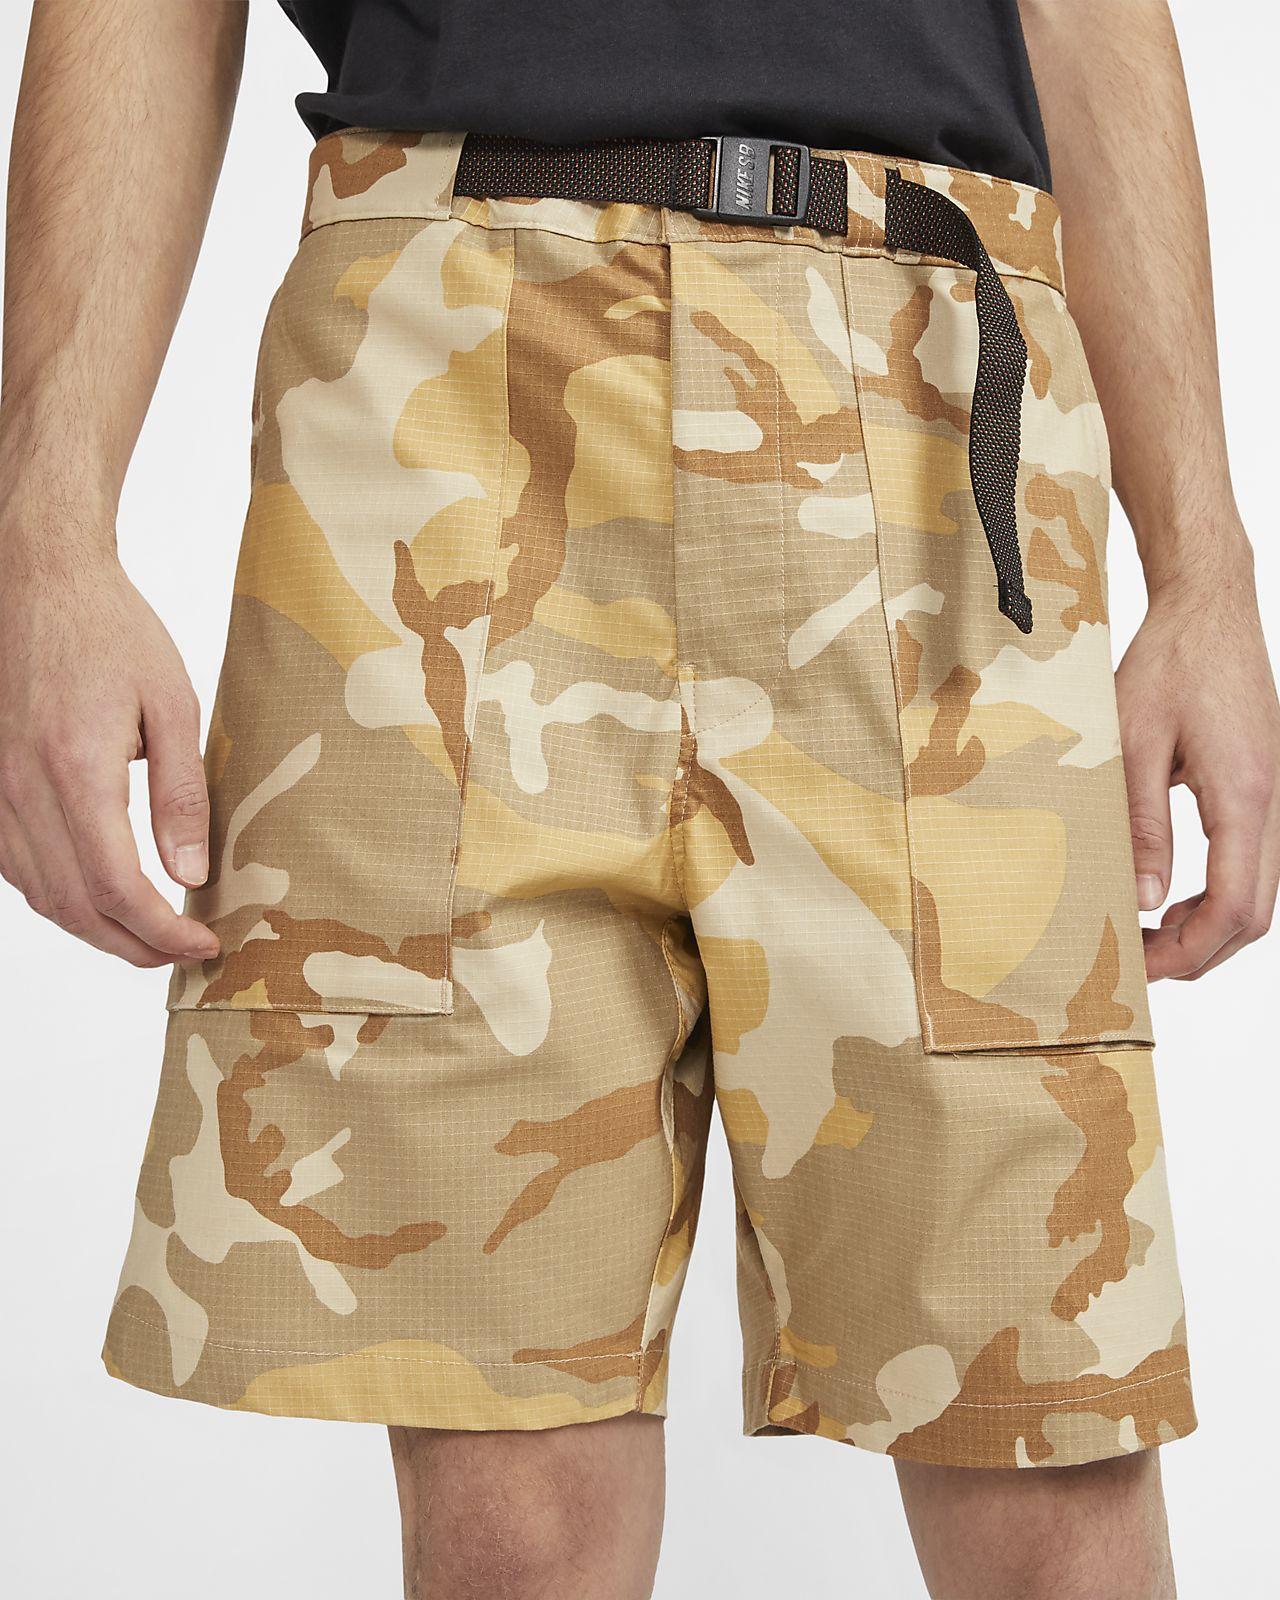 Nike SB Pantalón corto de skateboard de camuflaje - Hombre